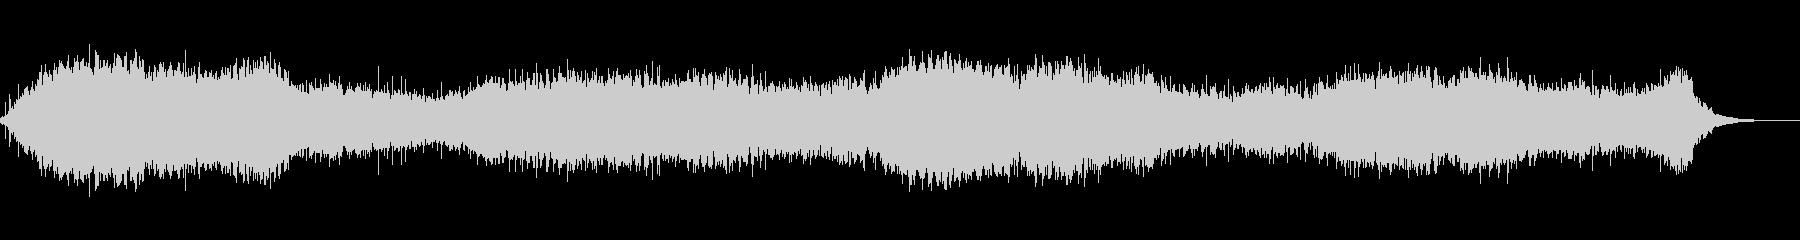 【60秒】ドキュメント風のアンビエントの未再生の波形